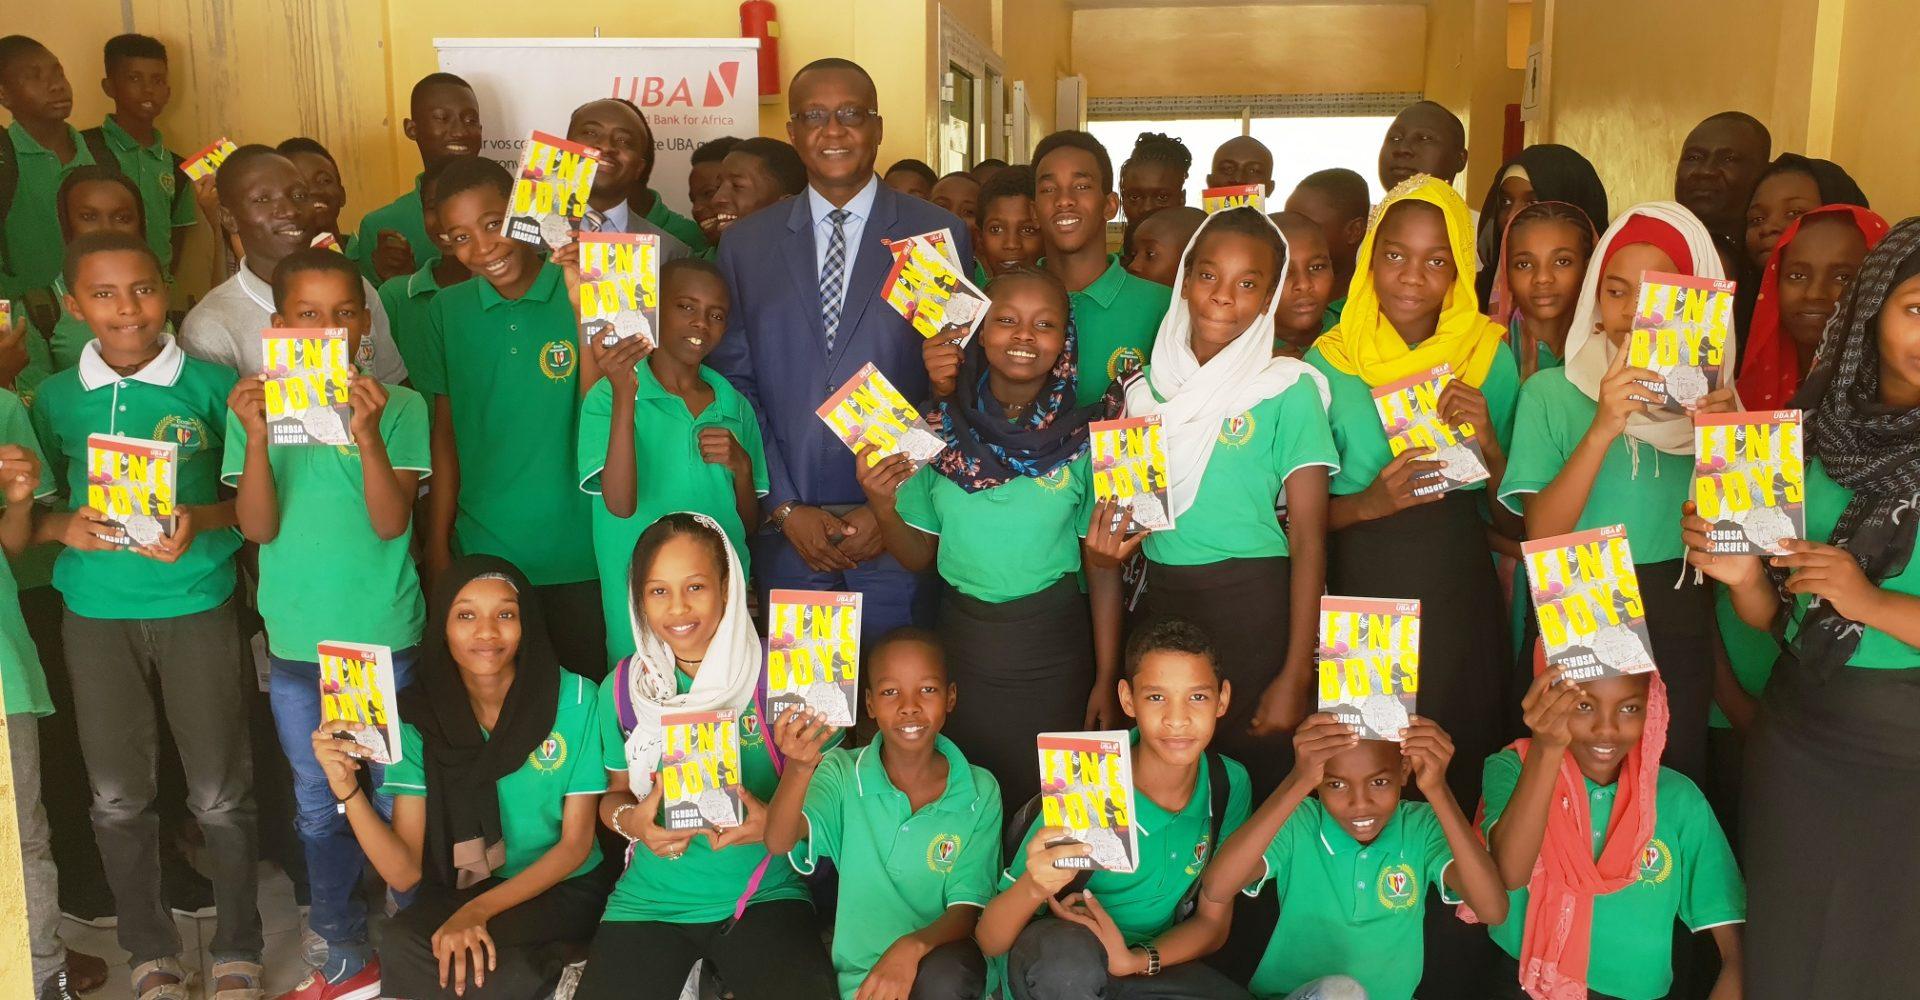 La Fondation UBA octroie 300 livres à l'Ecole tchado-canadienne 1